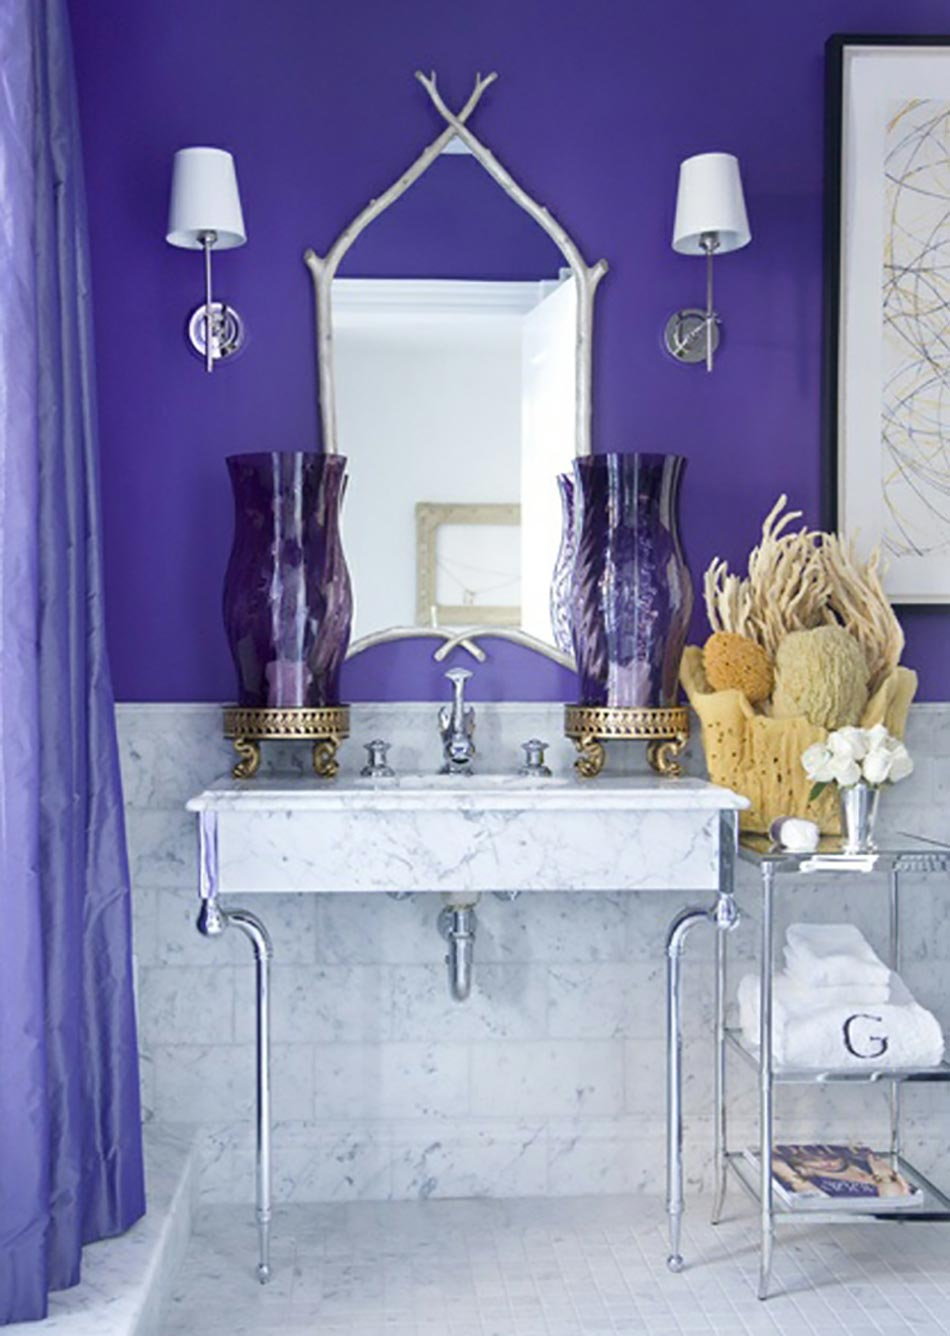 15 salles de bain l insouciance des vacances design feria. Black Bedroom Furniture Sets. Home Design Ideas